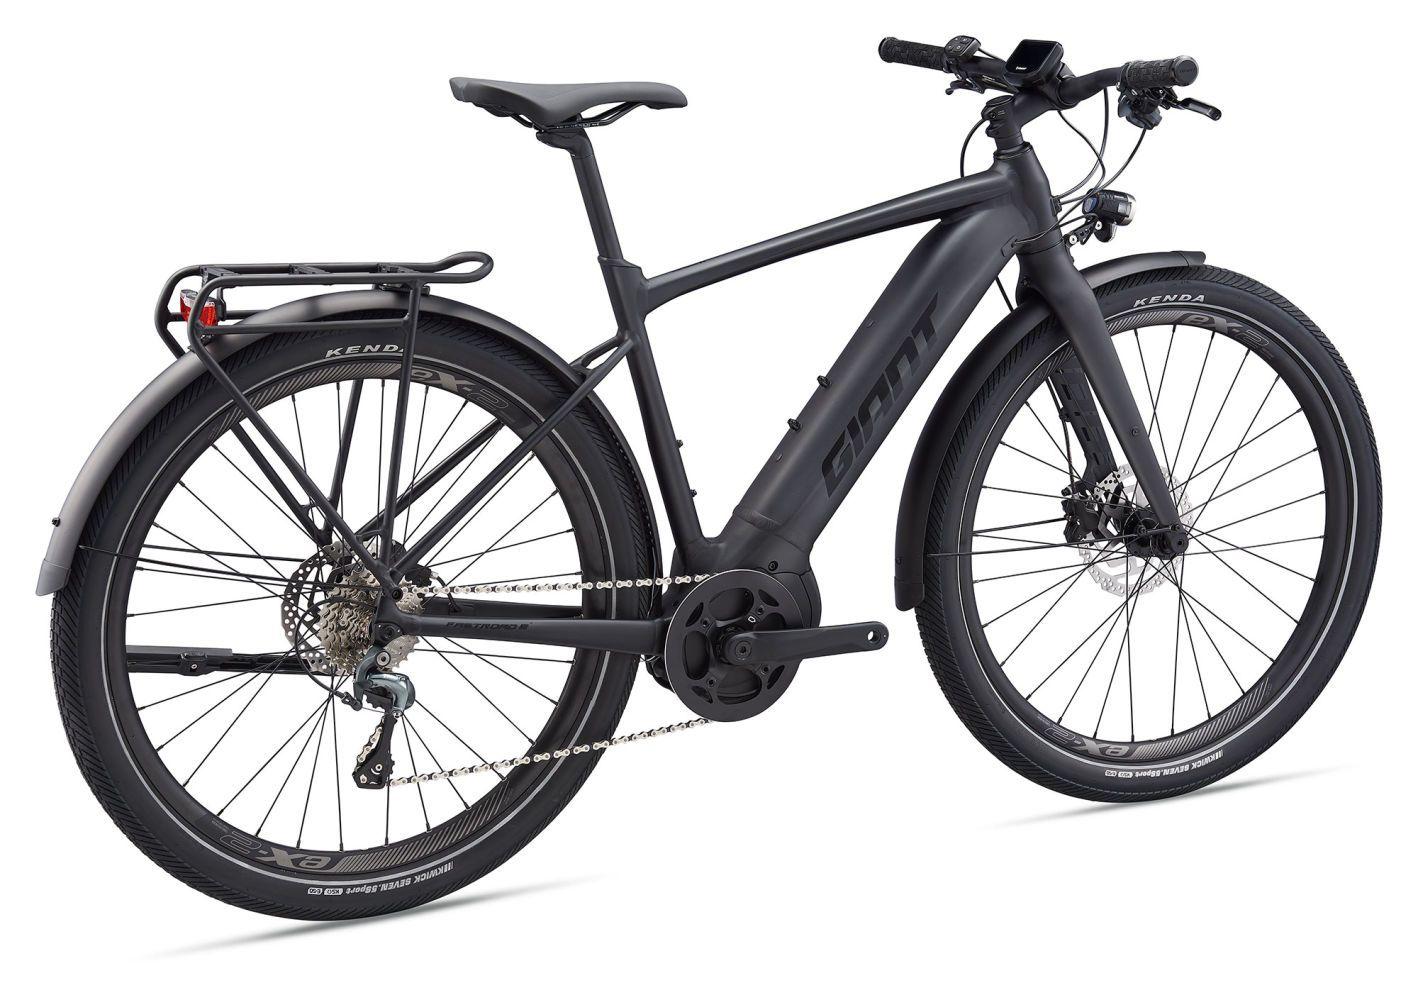 Giant Fastroad E Ex Pro E Bike Ebike Bike Giant Bicycle